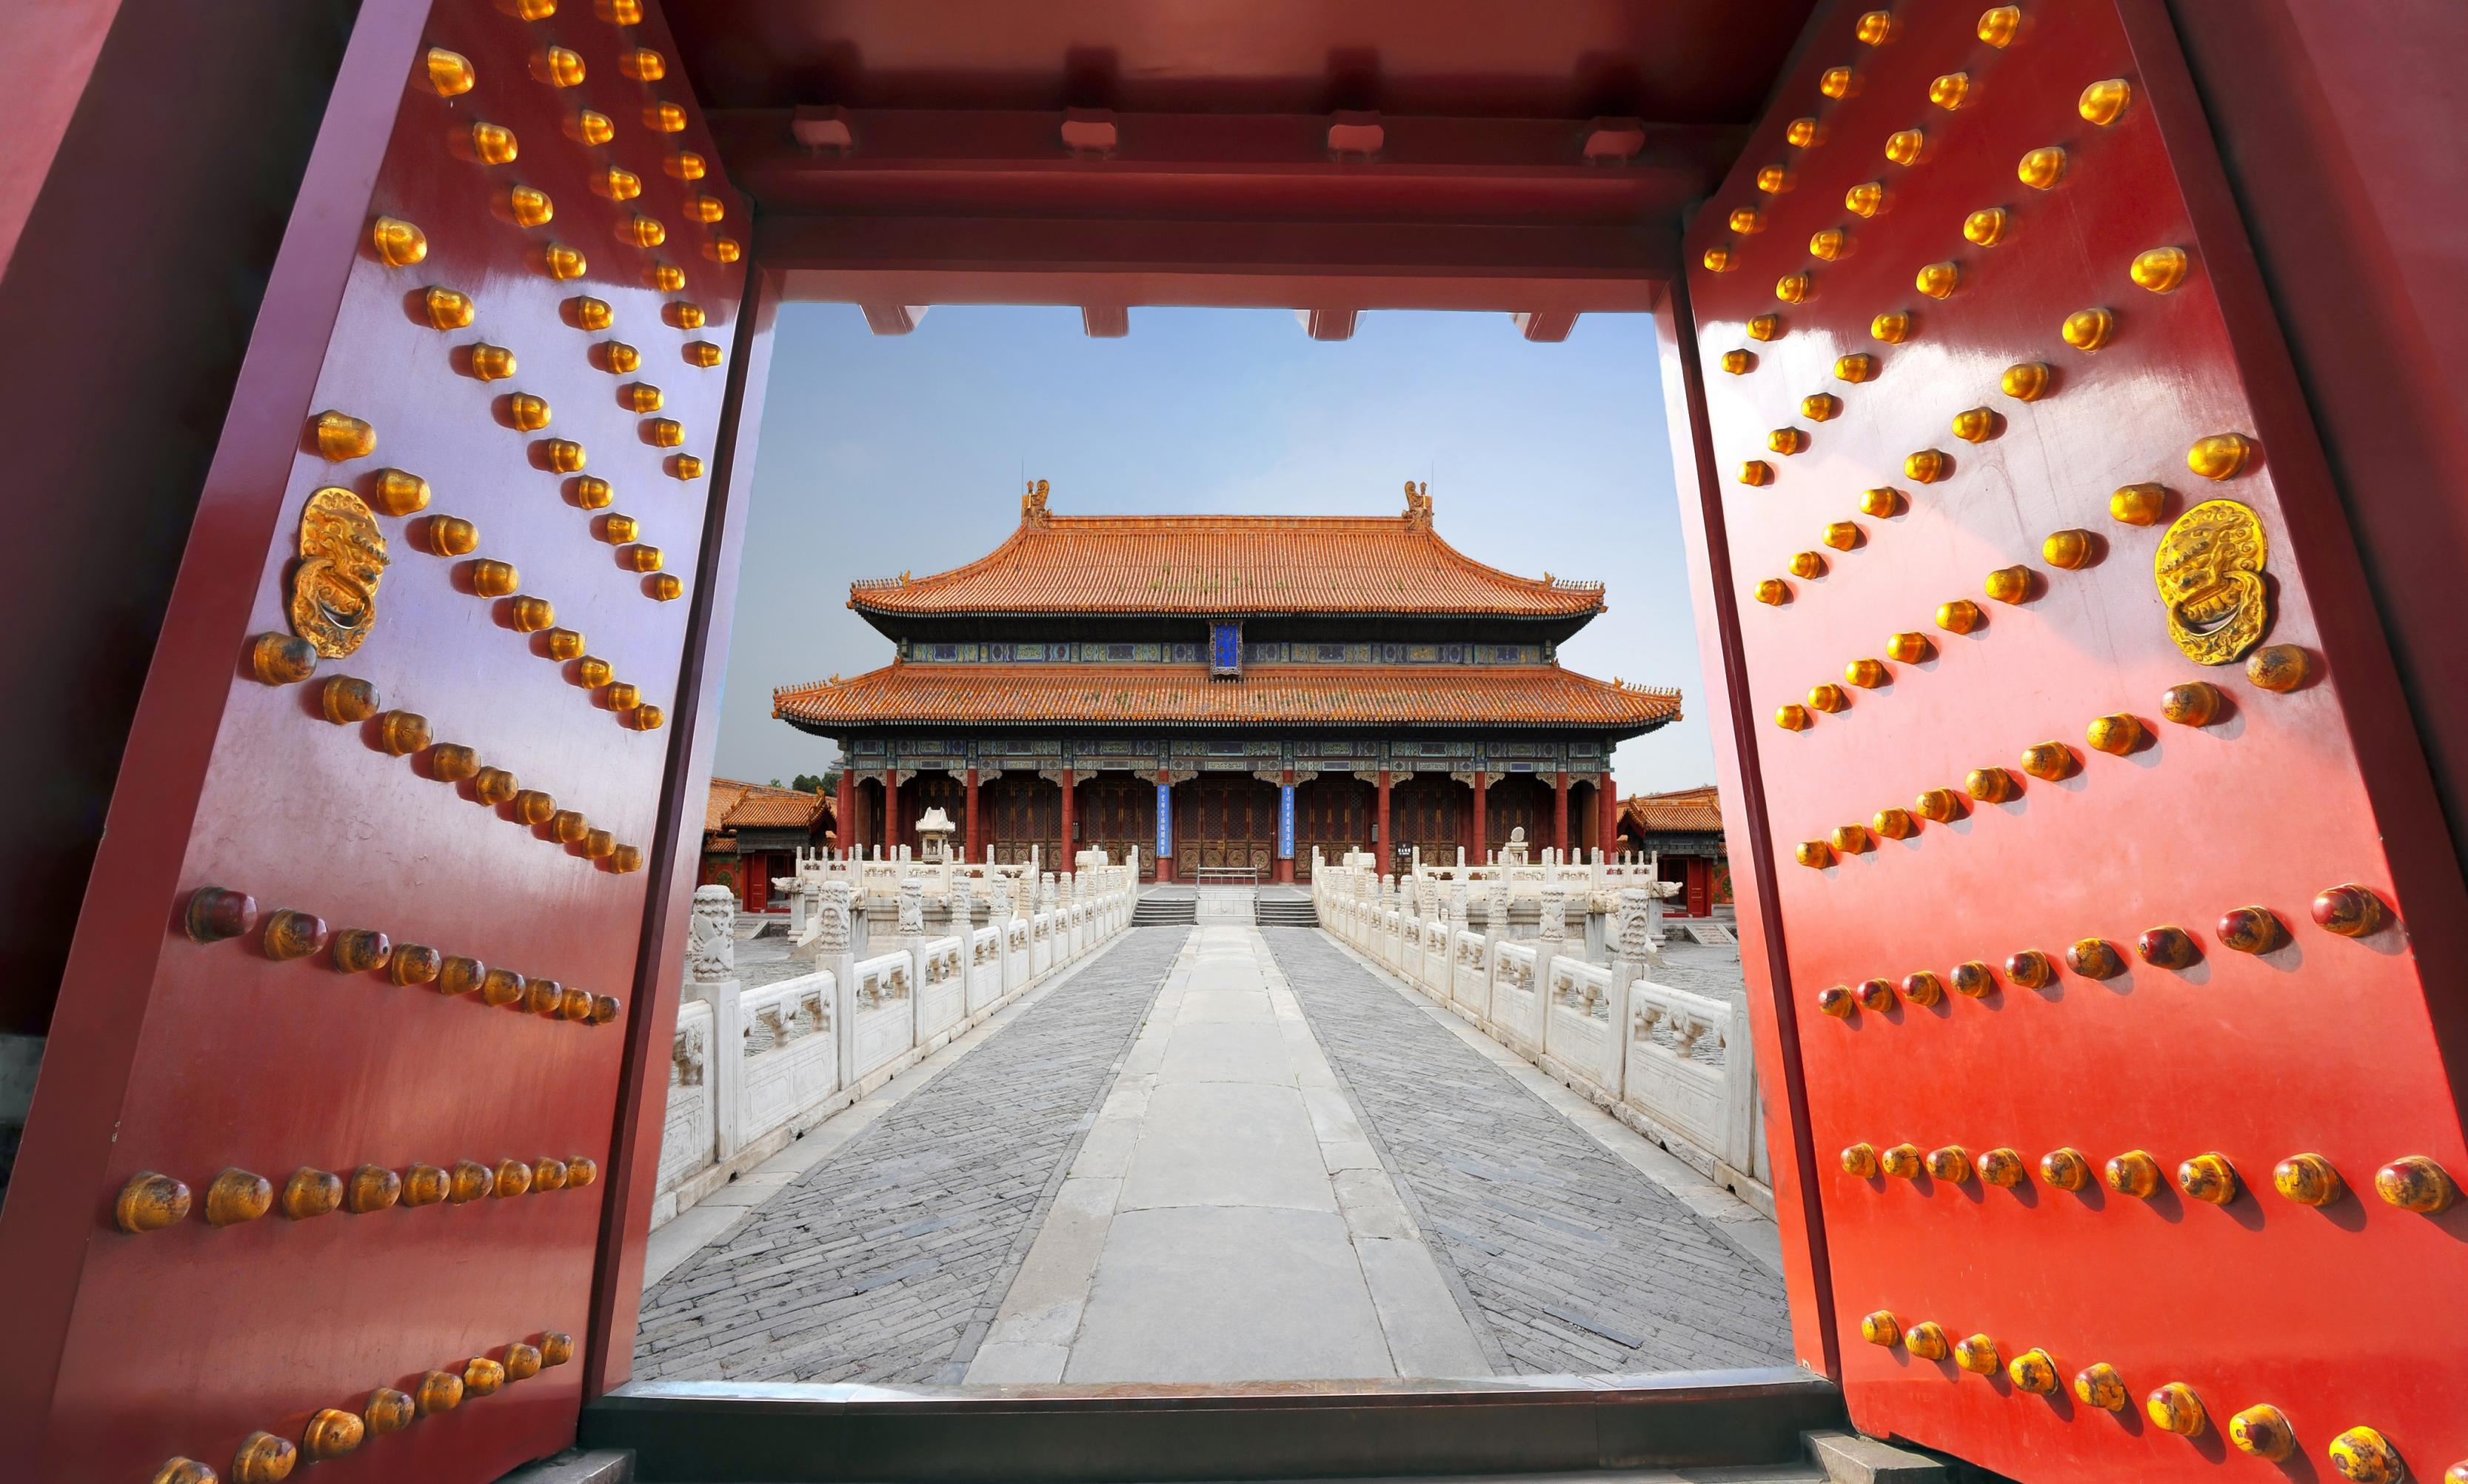 صورة المدينة المحرمة في الصين , صور مقر اباطرة الصين